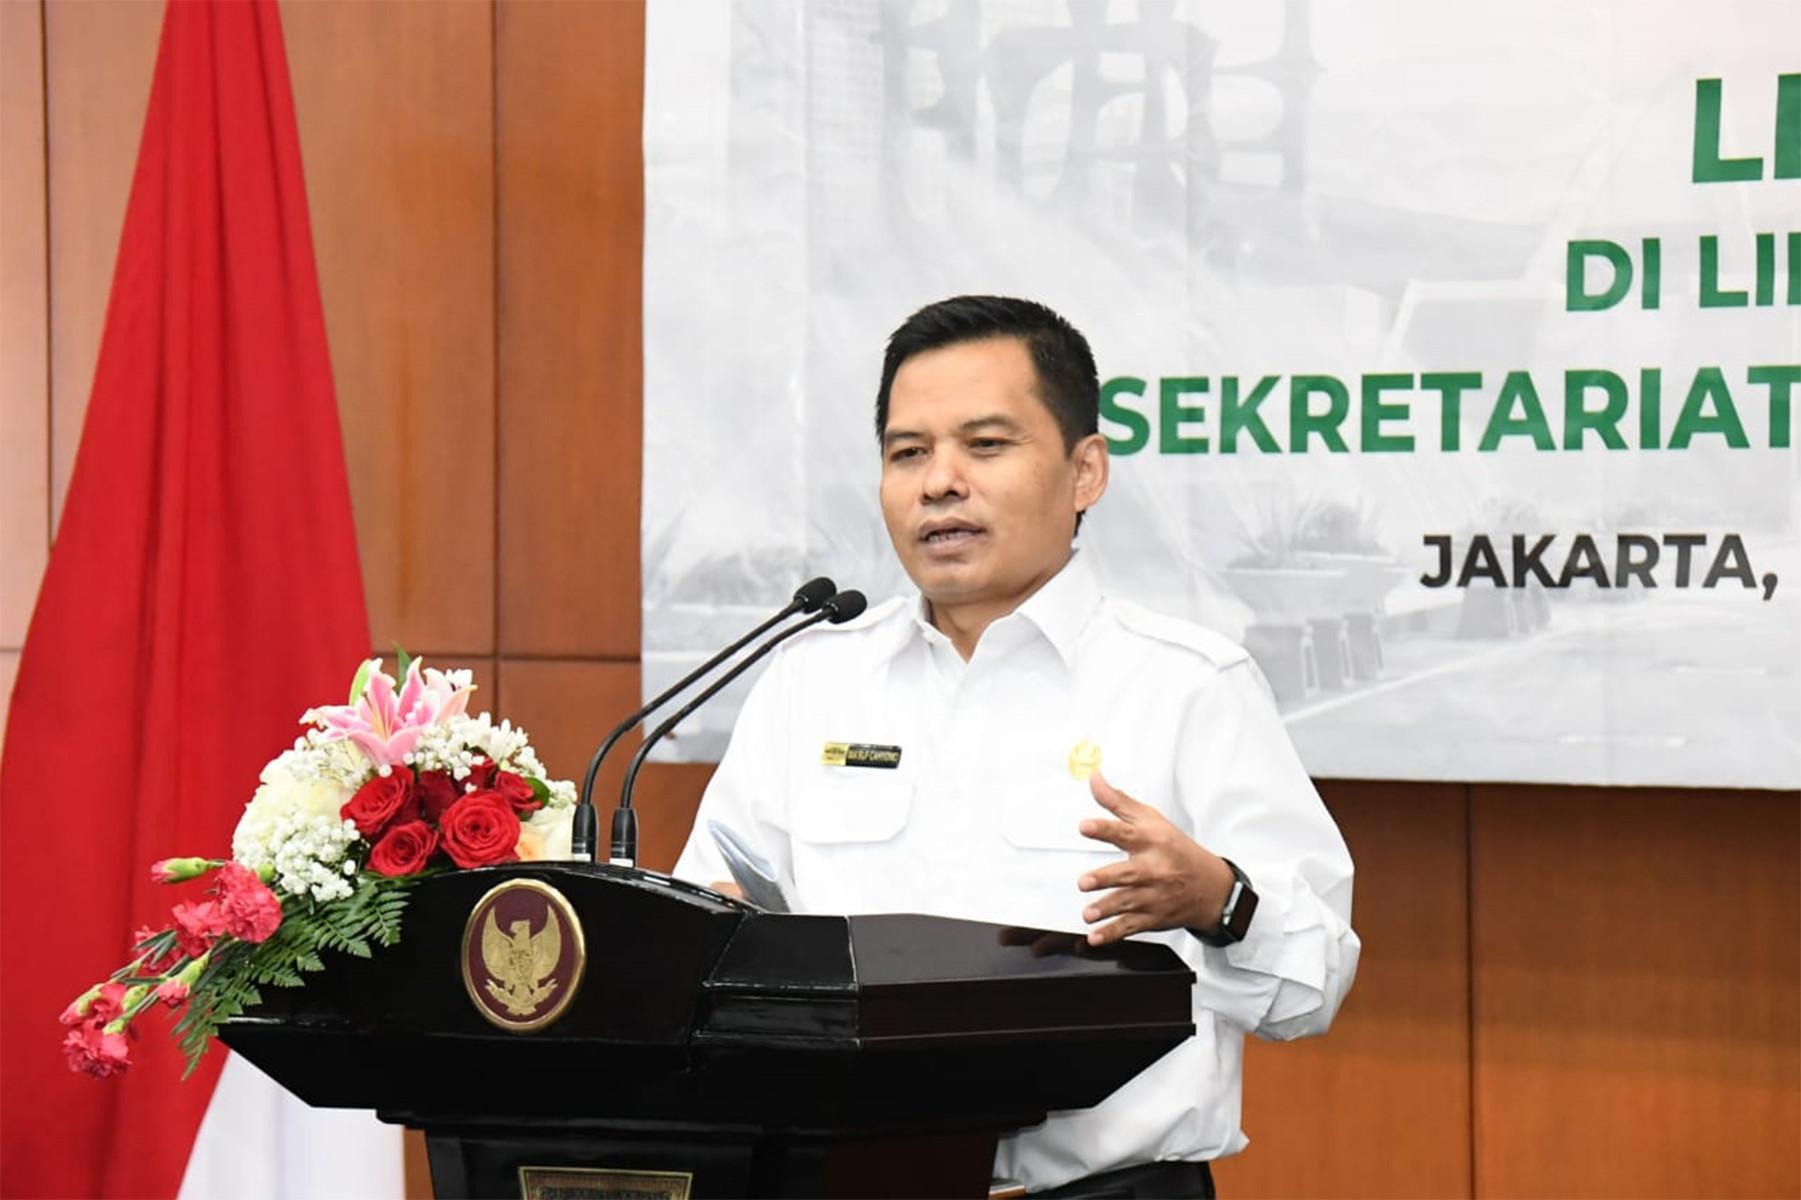 Sidang Tahunan MPR RI Besok Bakal Ketat, Jarak Dijaga, Peserta Dibatasi - JPNN.com